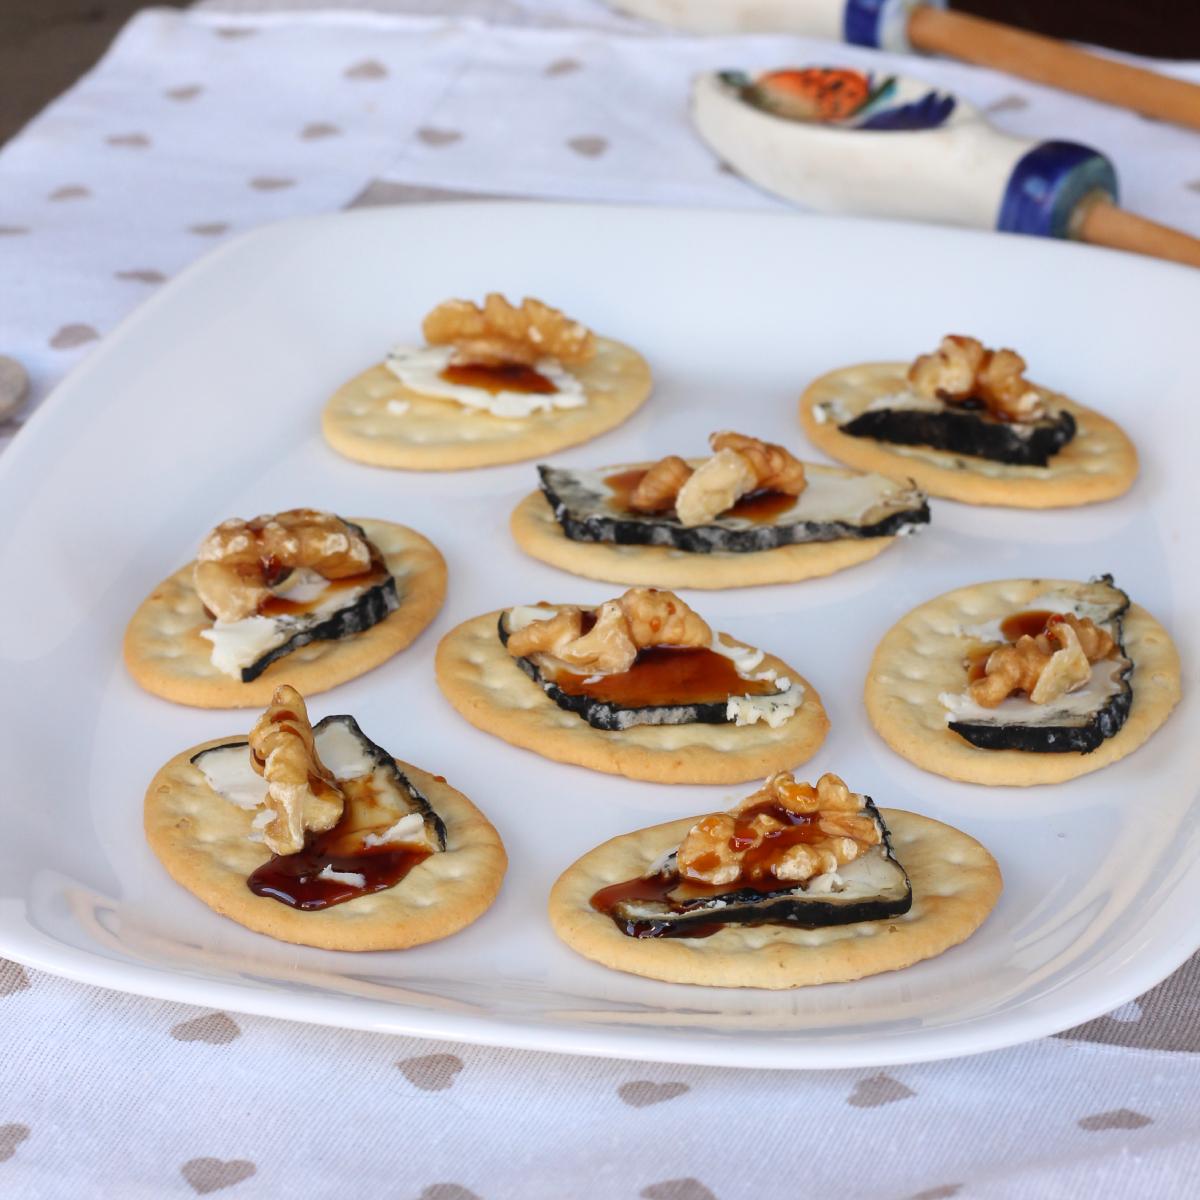 CROSTINI CAPRINO E NOCI ricetta aperitivo crostini formaggio e noci